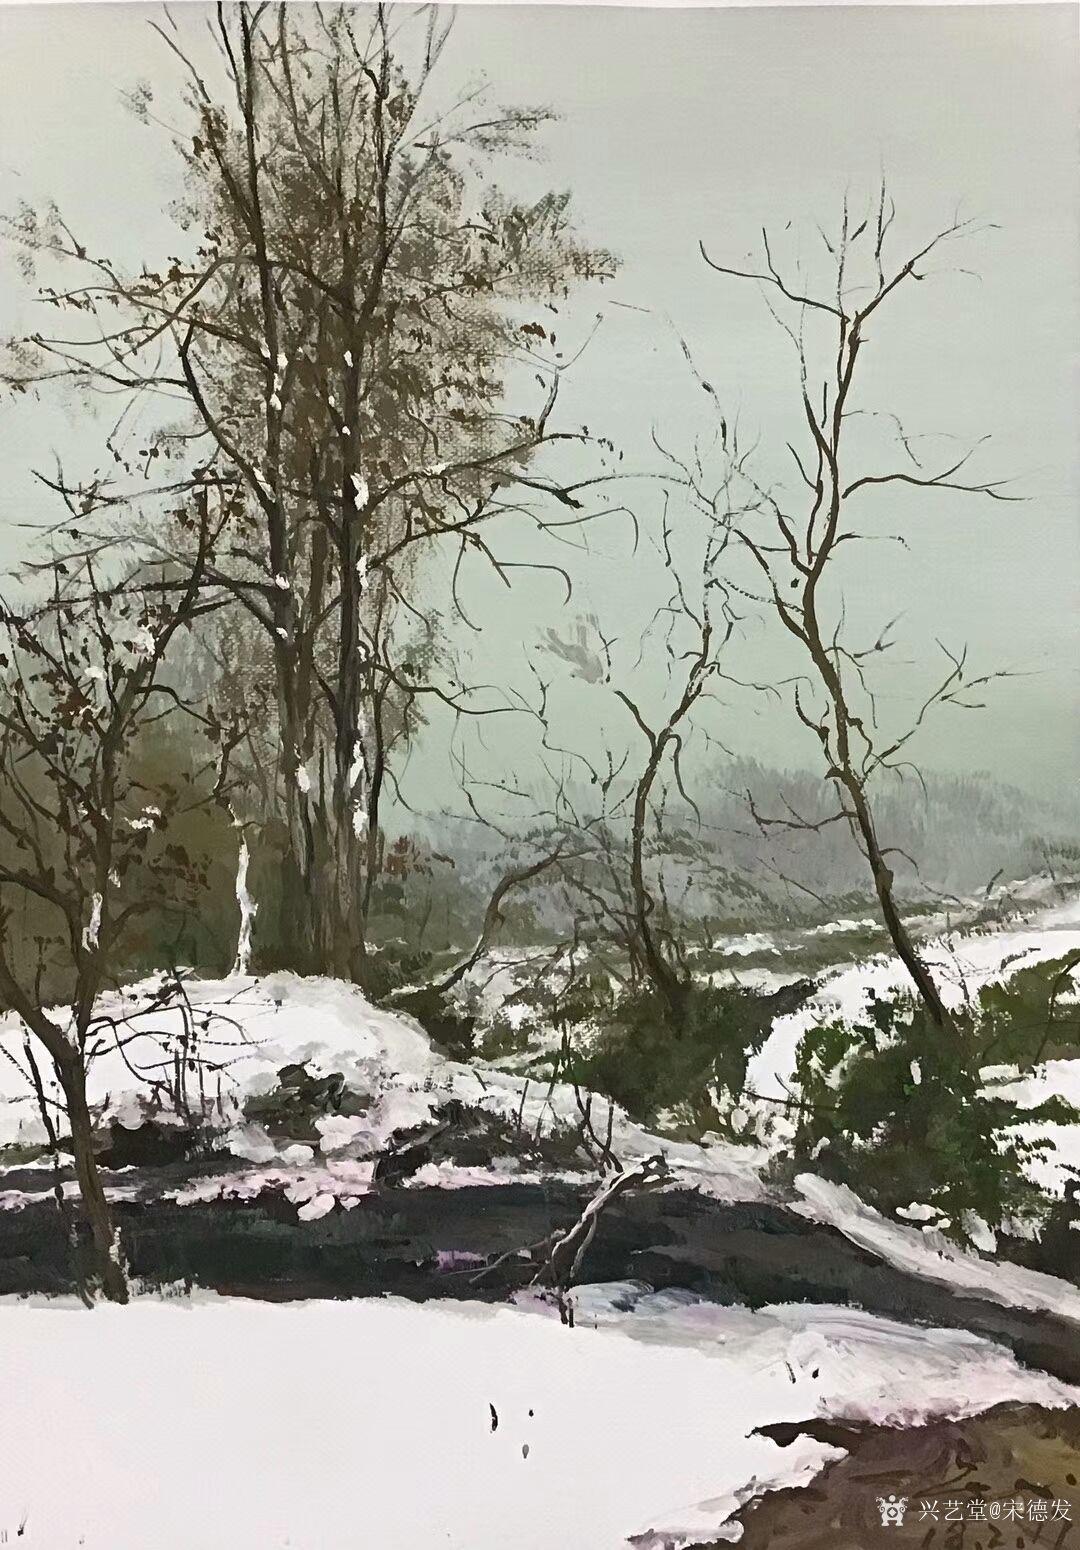 宋德发油画作品《傲立冬雪》【图0】